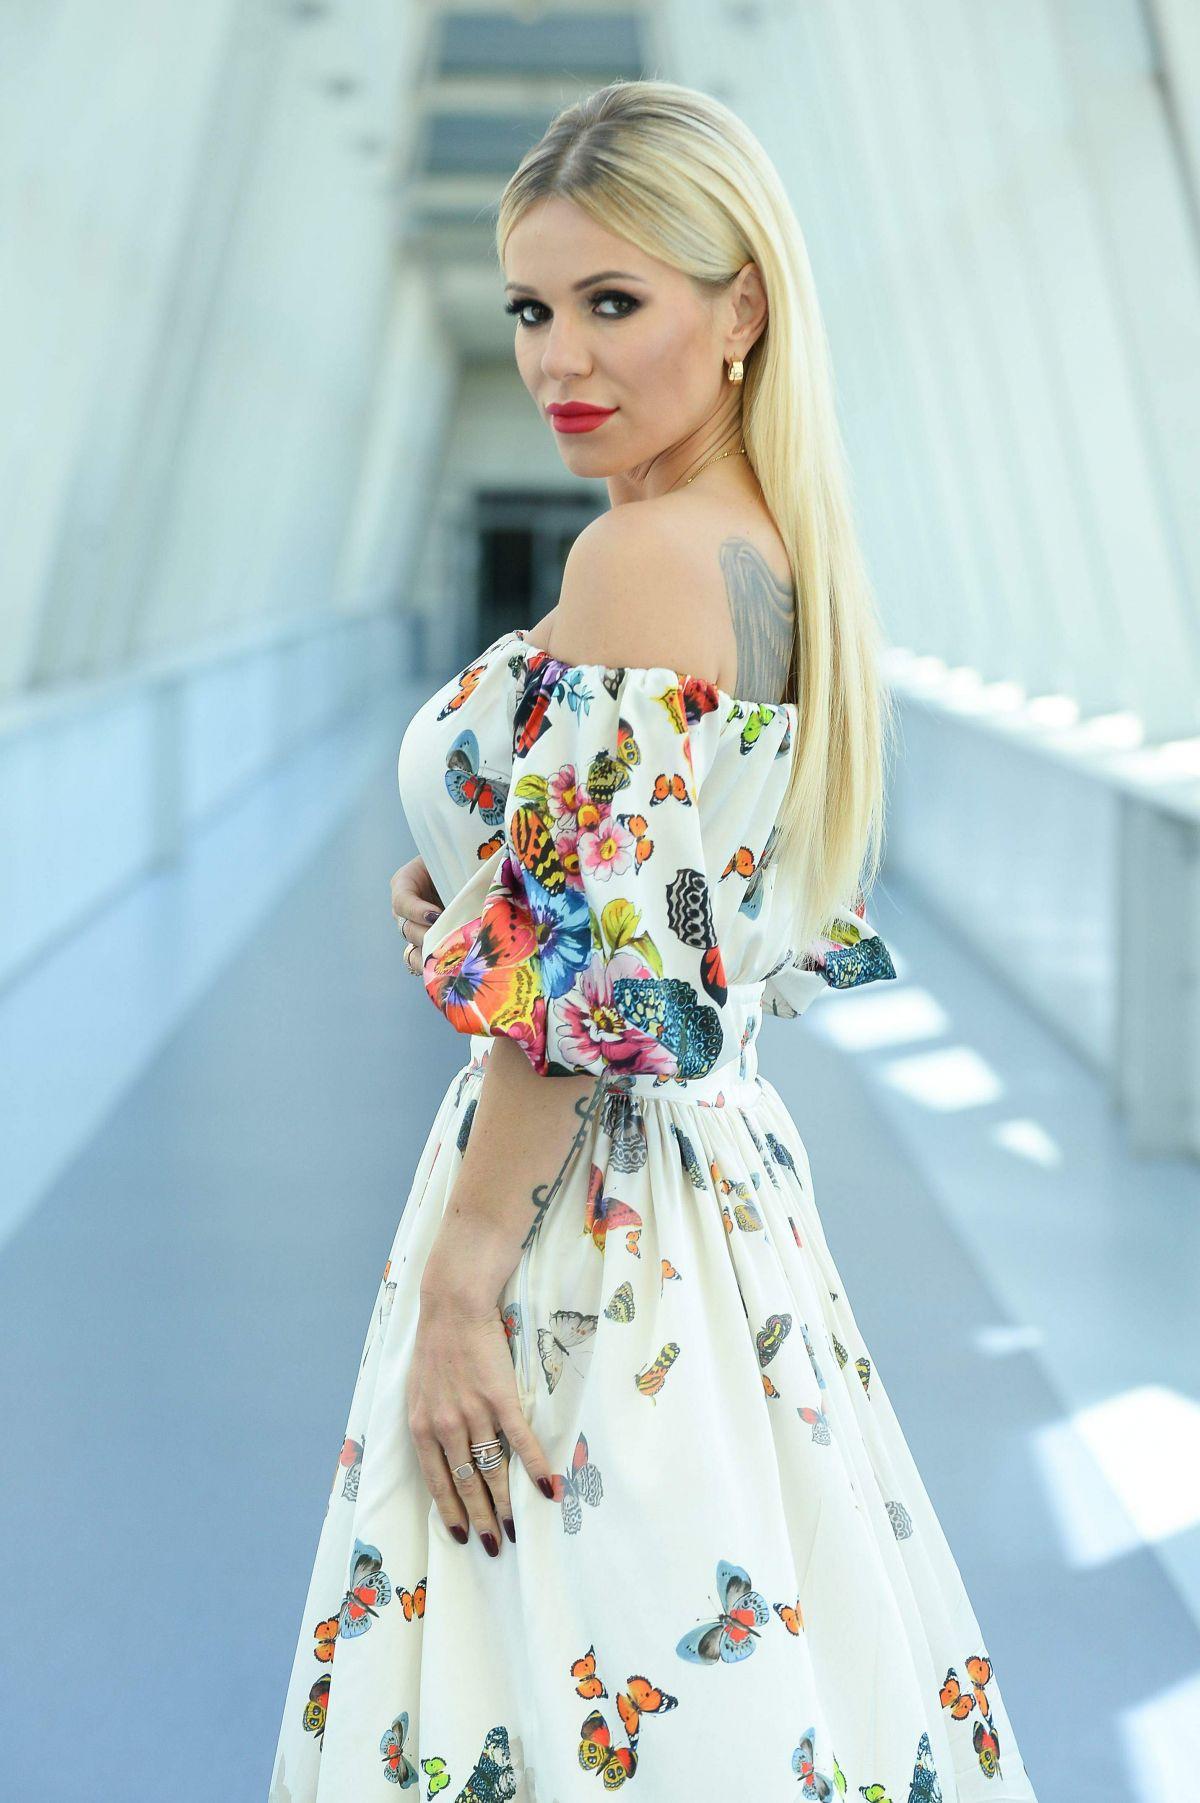 Dorota Rabczewska nude (23 fotos), pics Boobs, iCloud, panties 2017